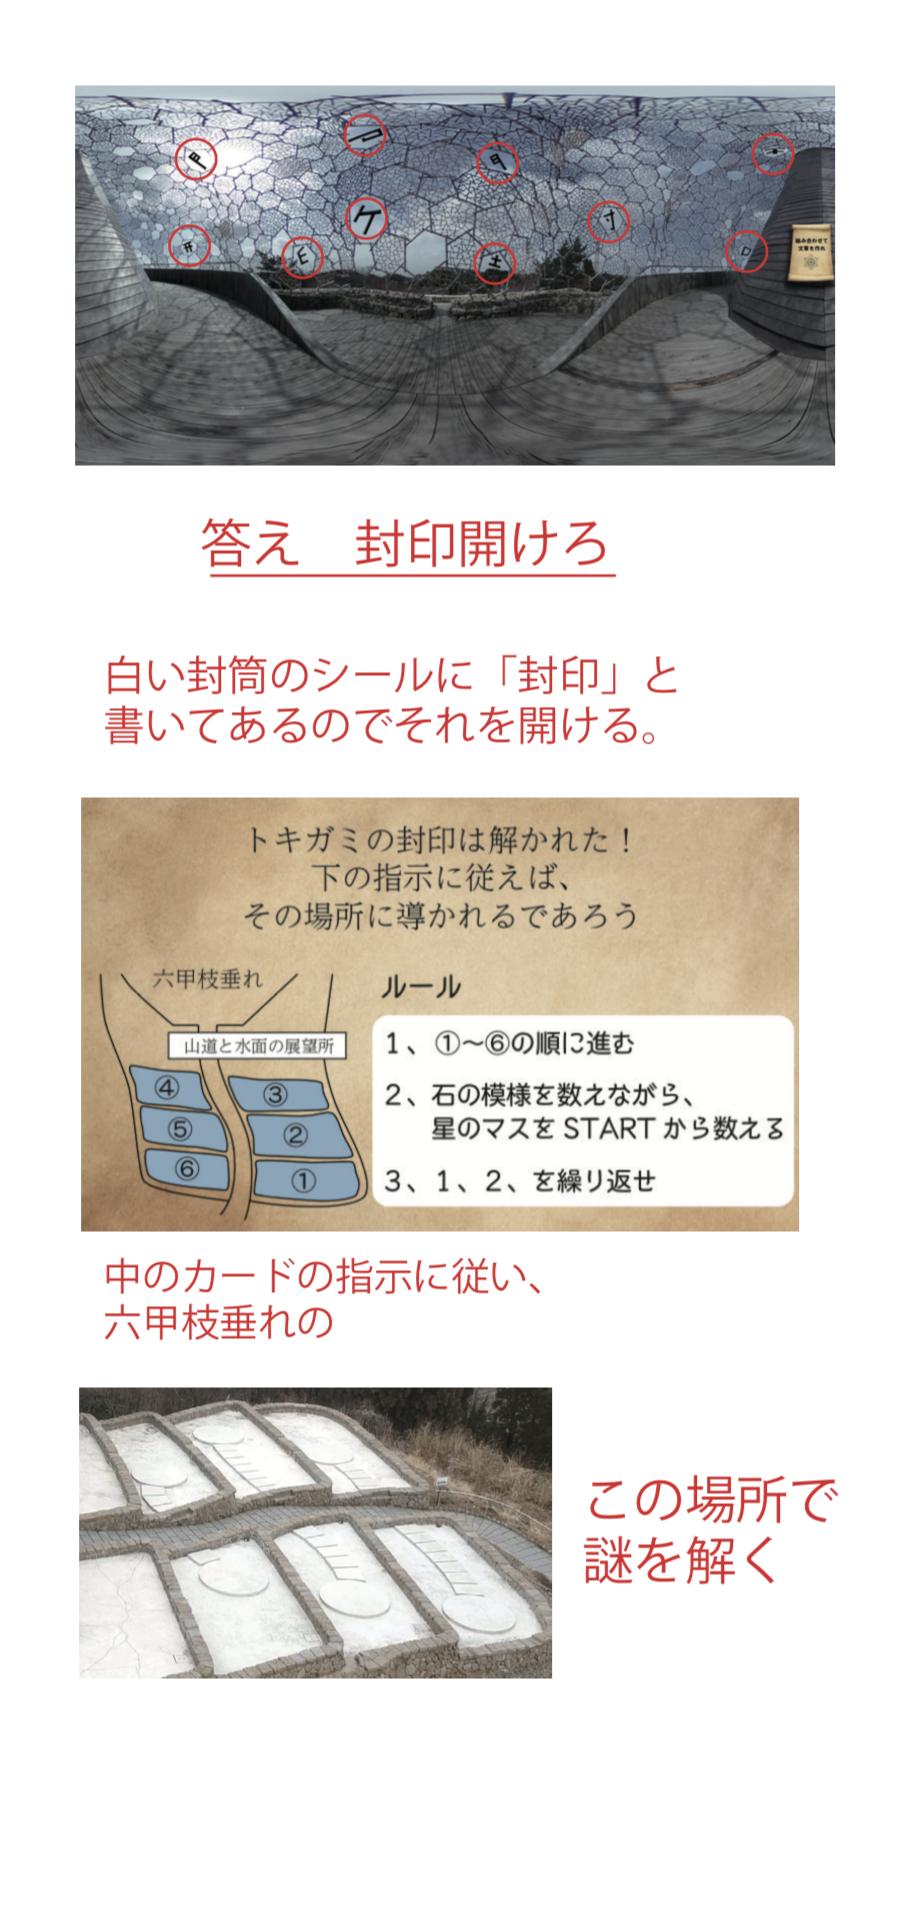 スクリーンショット 2018-09-08 21.56.46